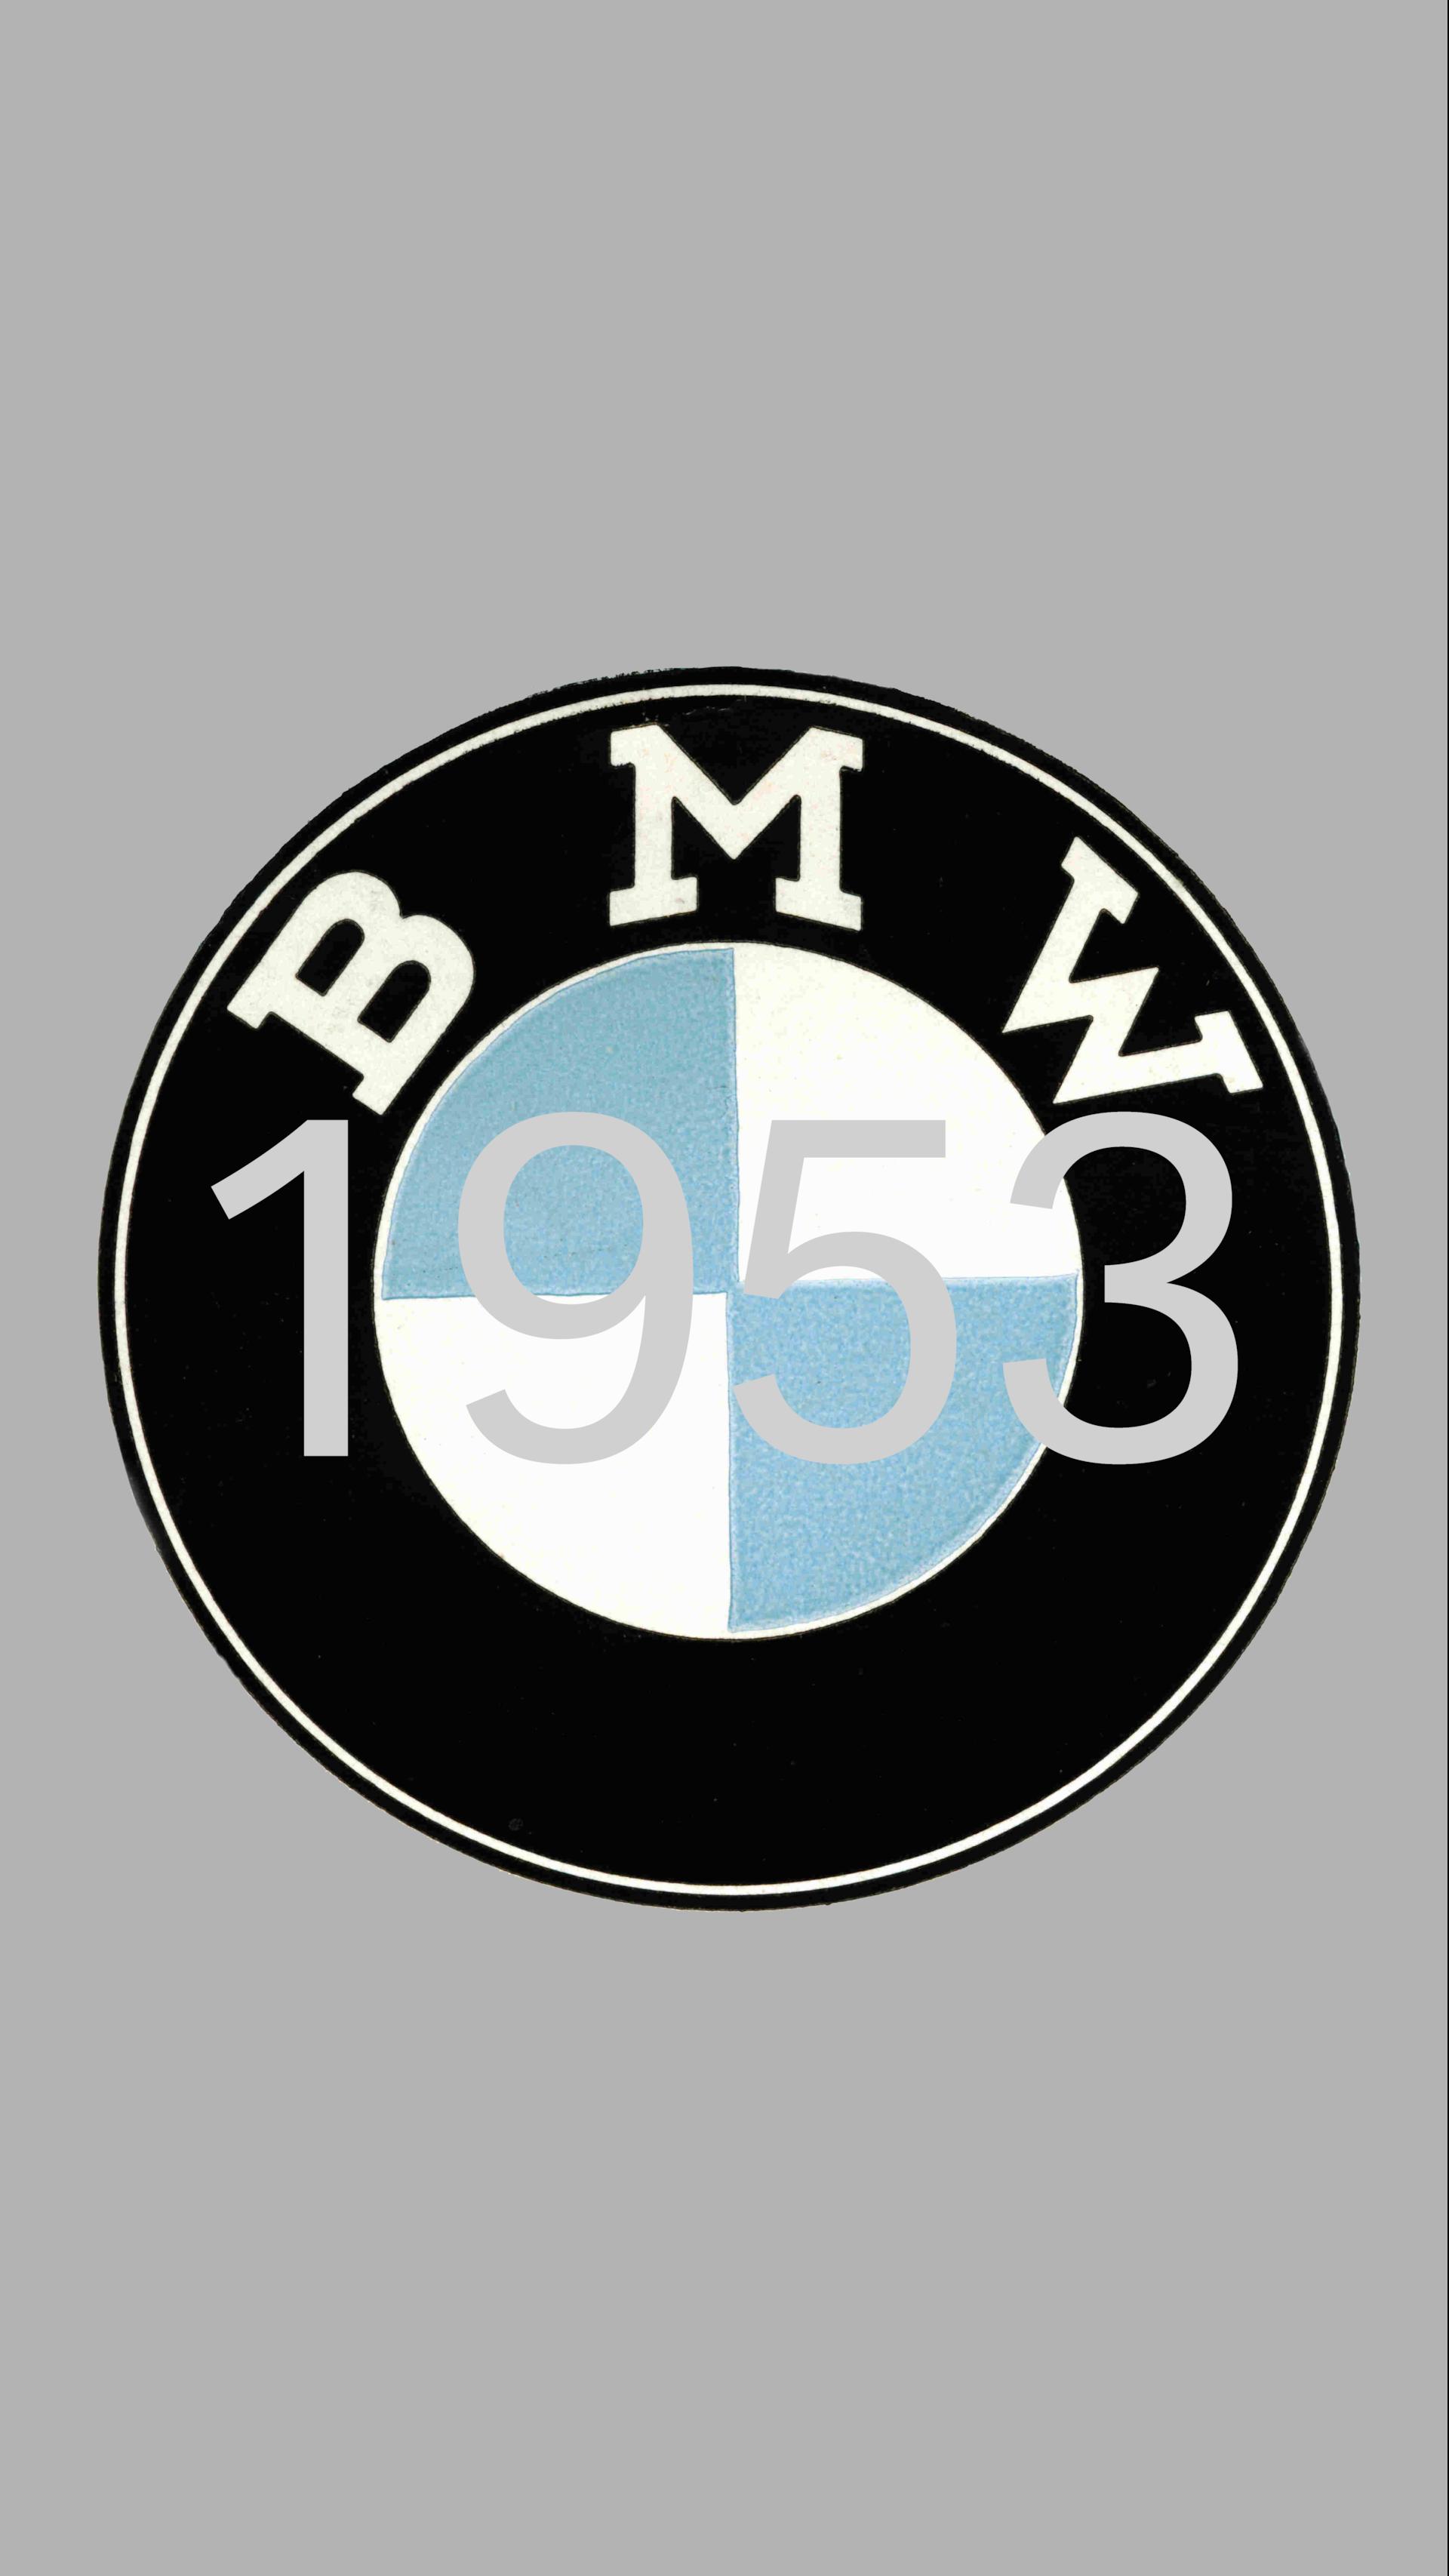 Il Significato Del Logo Bmw Bmw Com